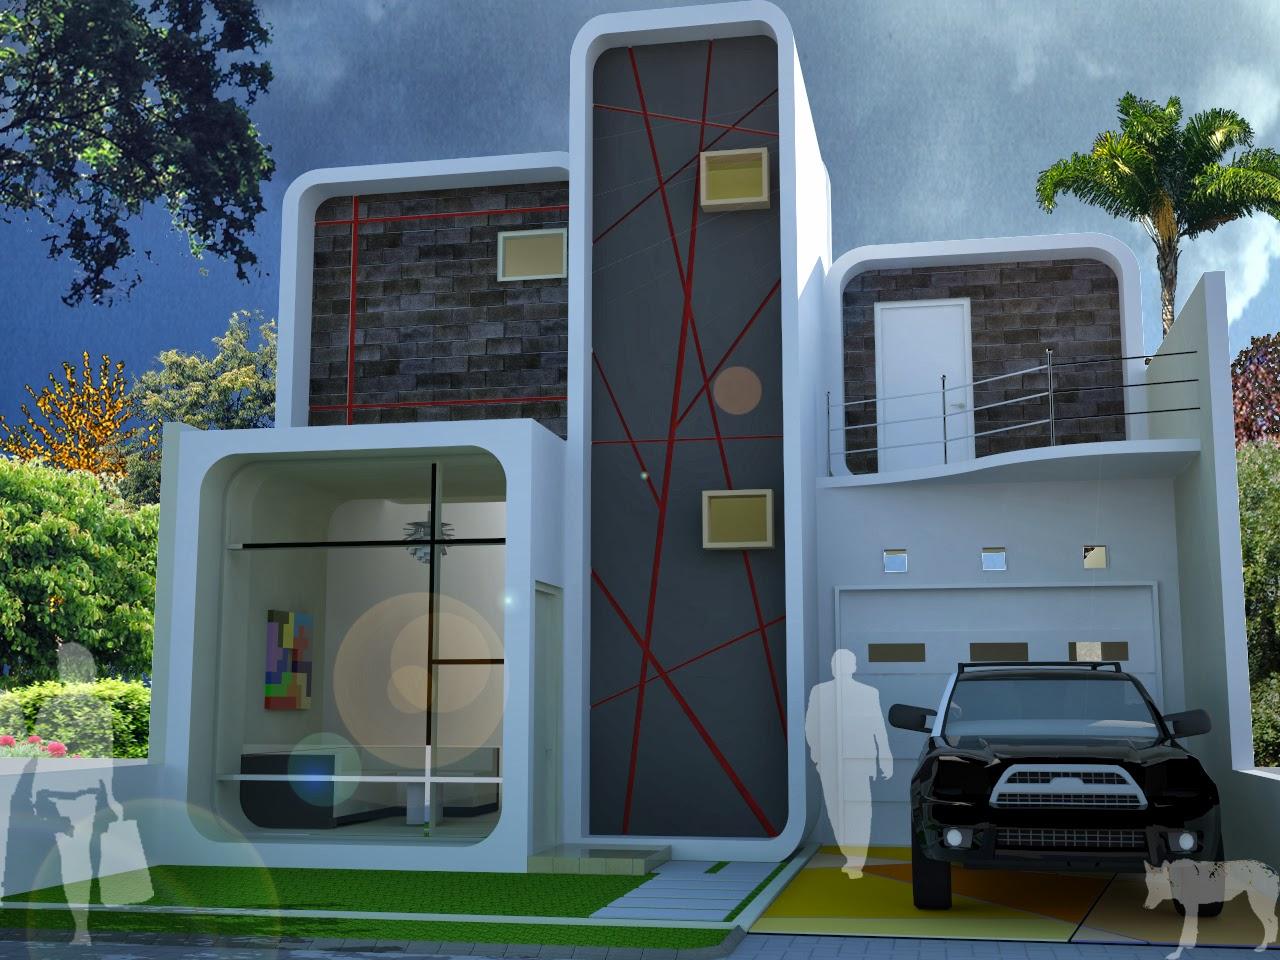 rumah minimalis sederhana paling keren - desain rumah minimalis